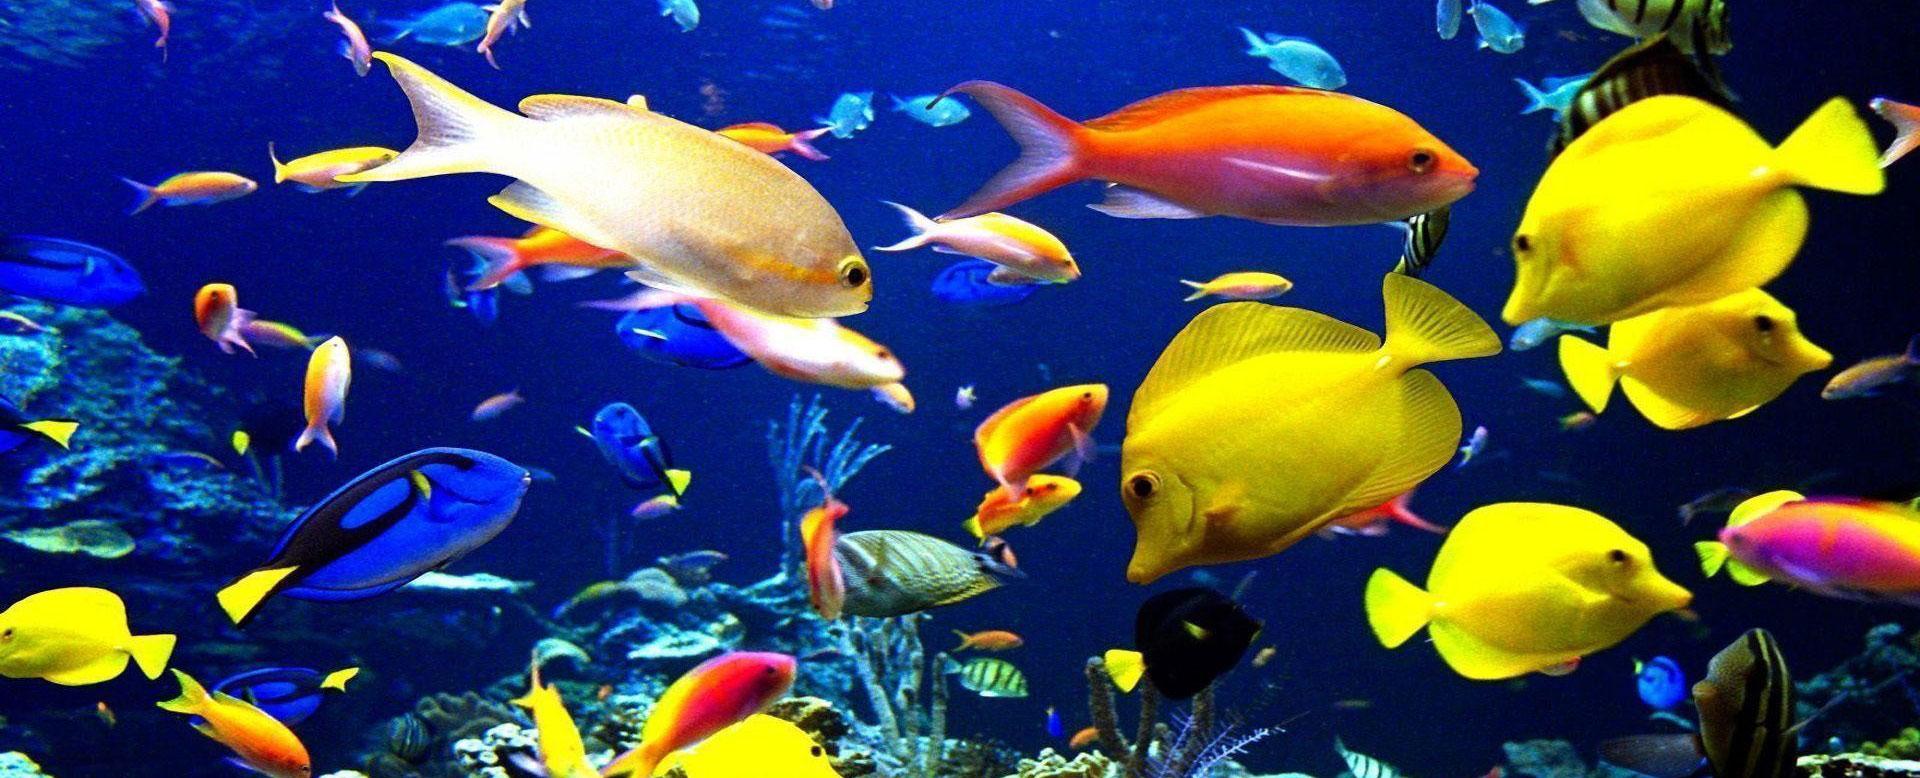 راهنمای نگهداری از ماهیان آکواریومی | معرفی 10 نمونه از ماهی های تزیینی جذاب